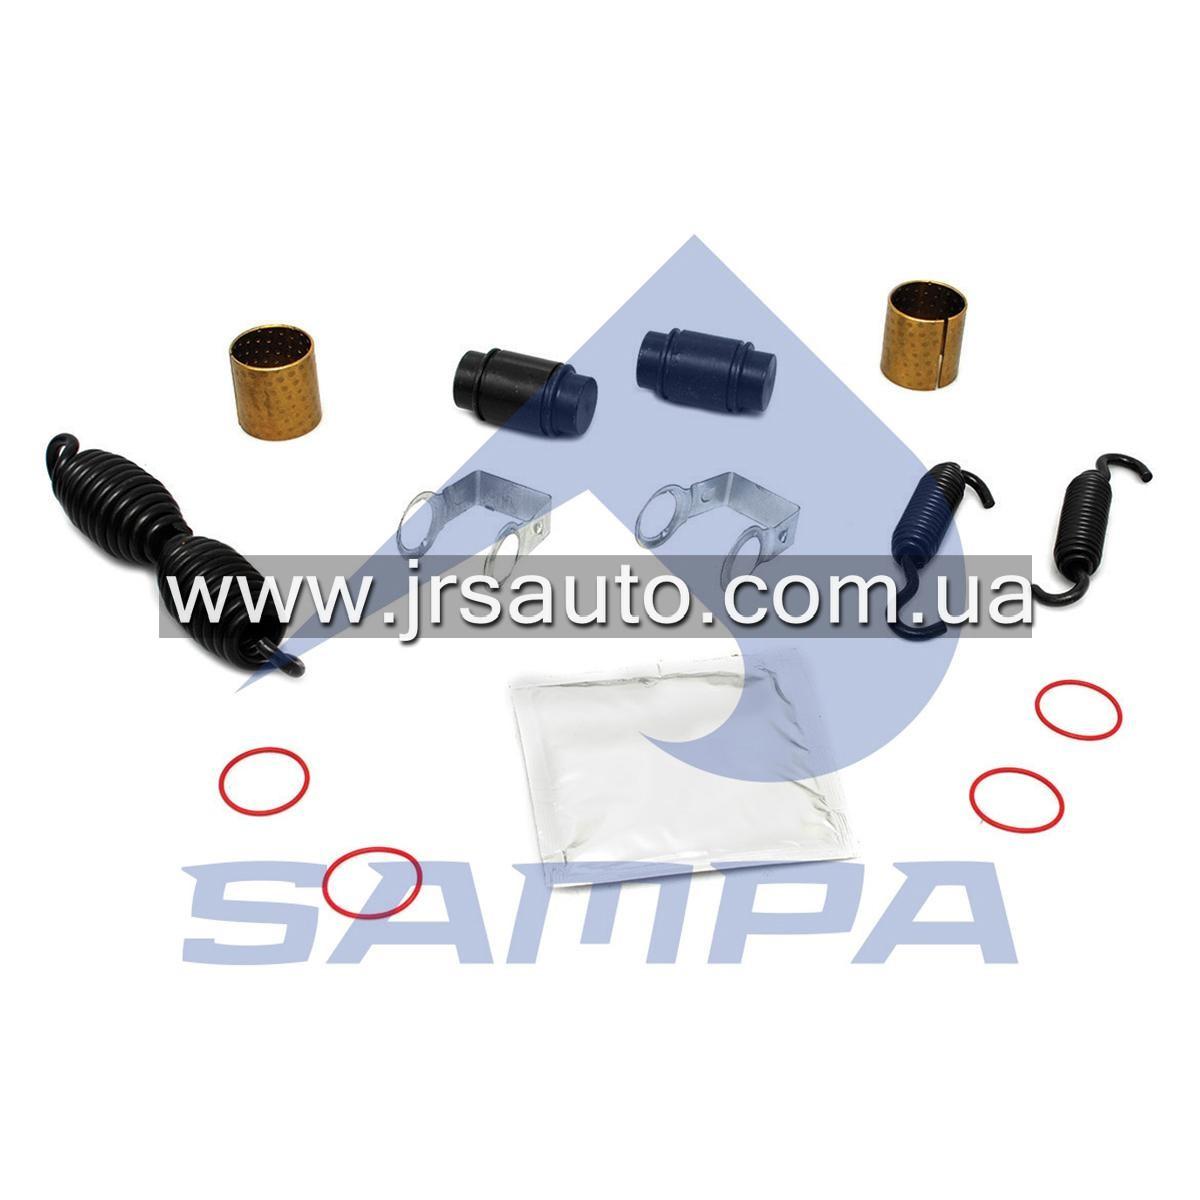 Ремкомплект барабанной тормозной колодки d19/d31,7x55,5 ROR \085.530